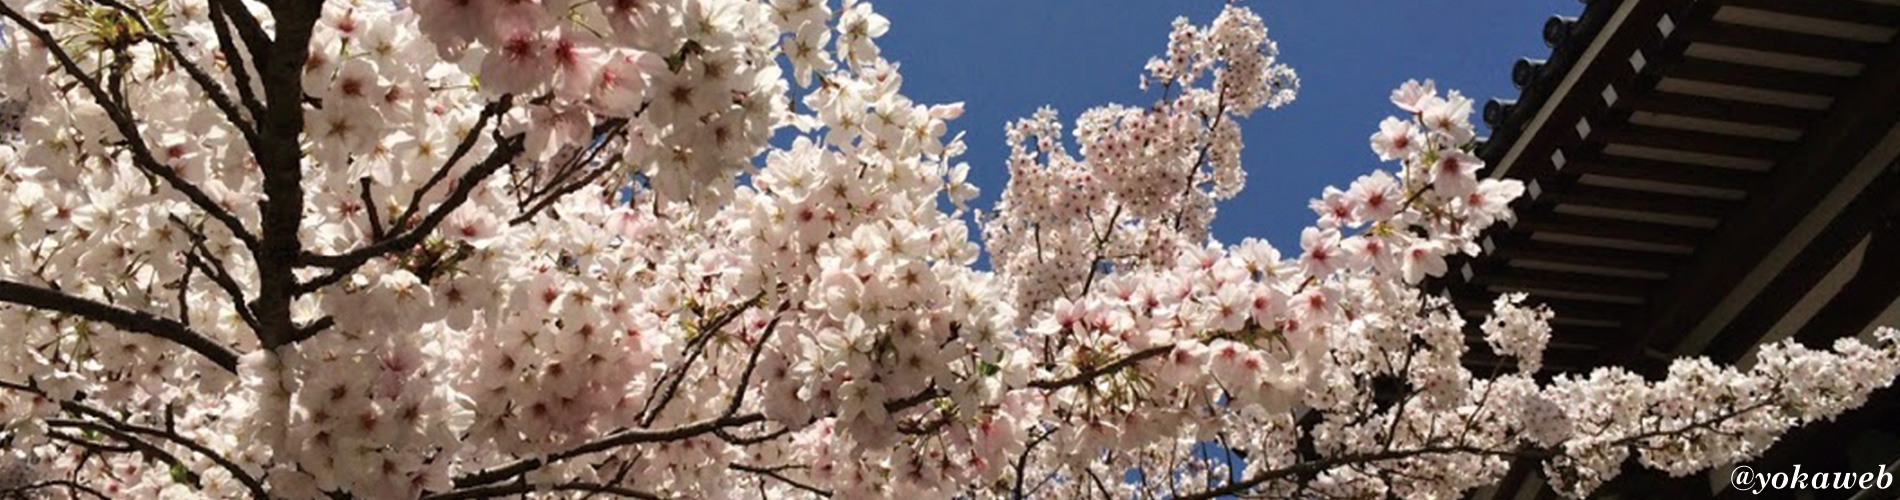 東長寺の桜